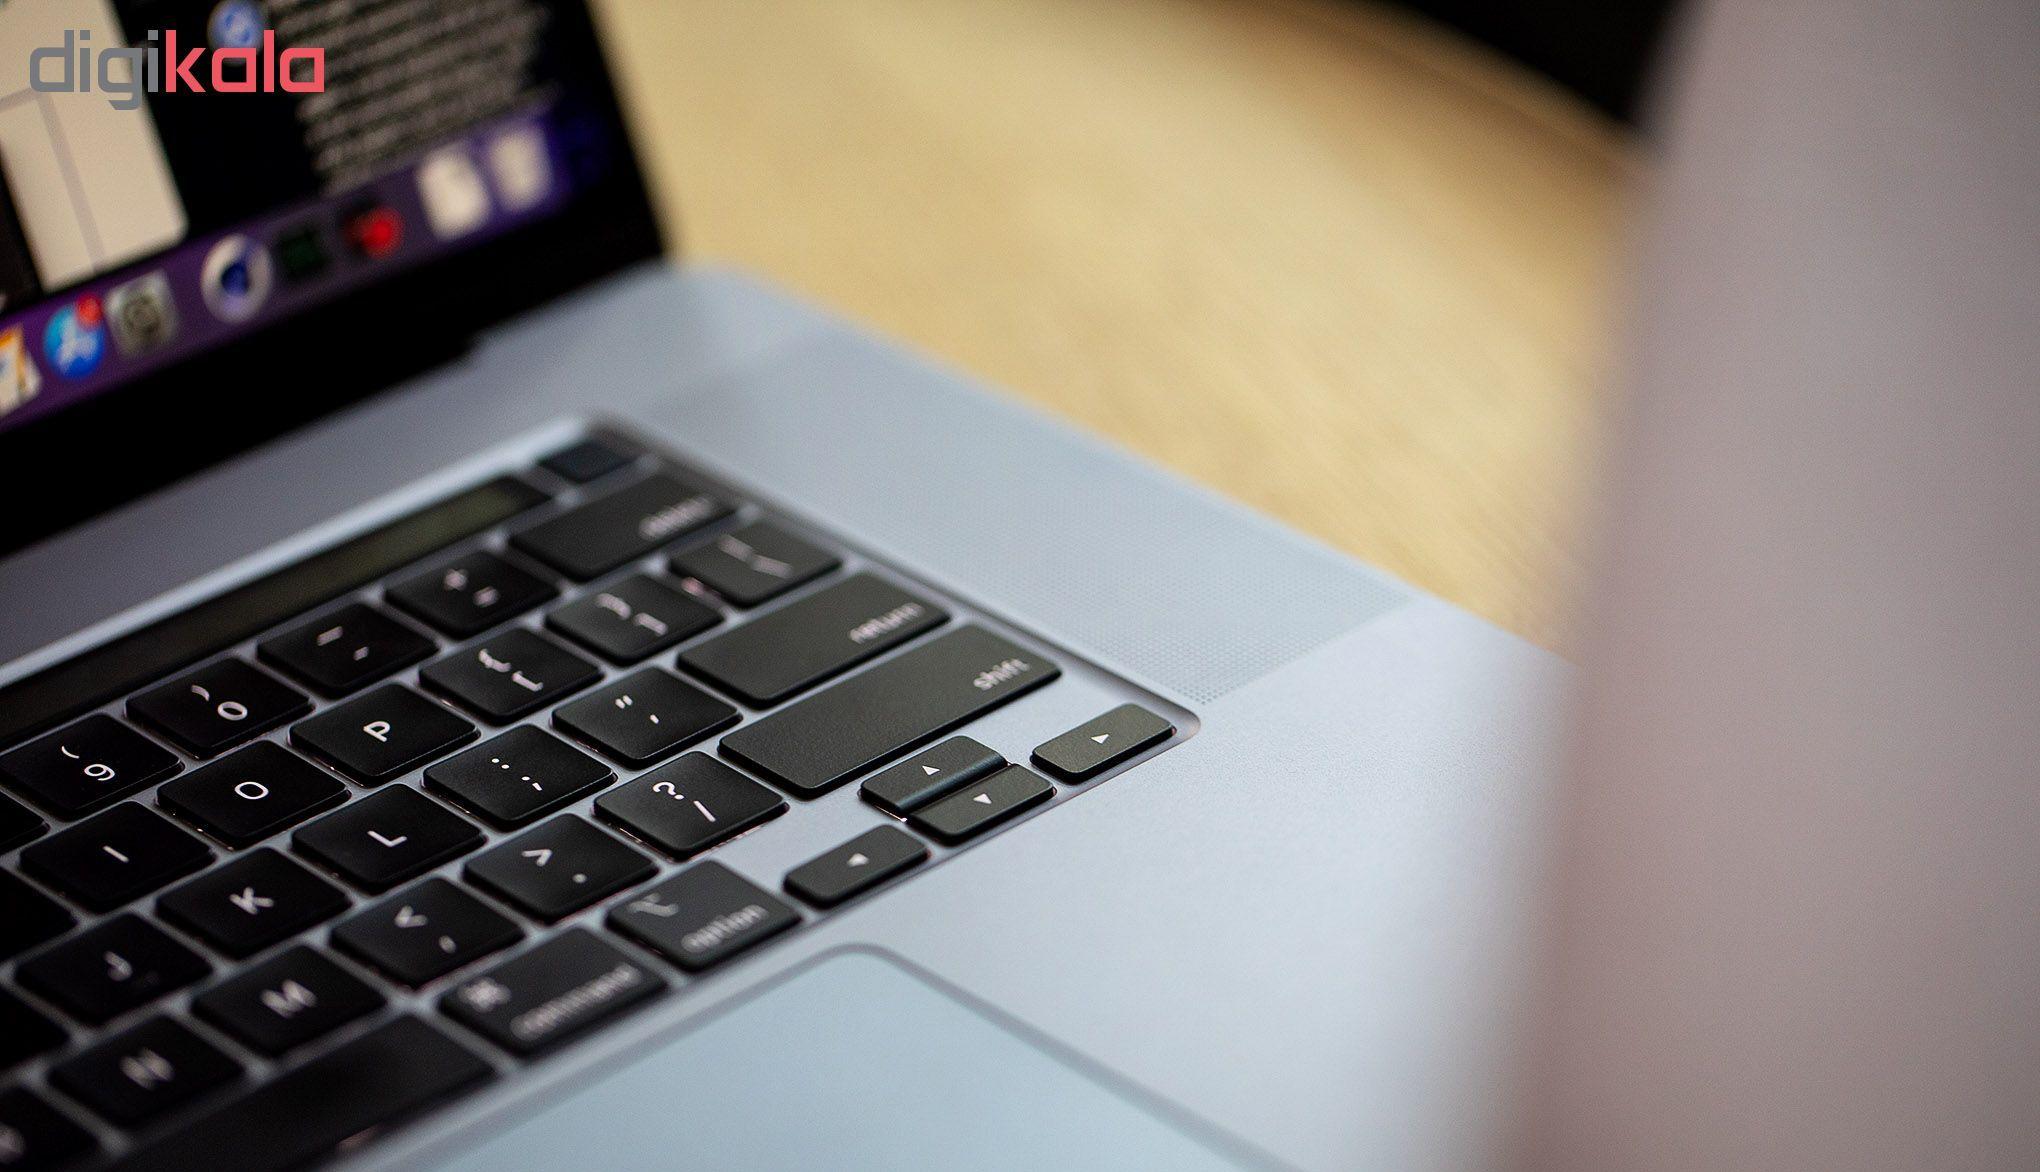 لپ تاپ 16 اینچی اپل مدل MacBook Pro MVVL2 2019 همراه با تاچ بار main 1 8